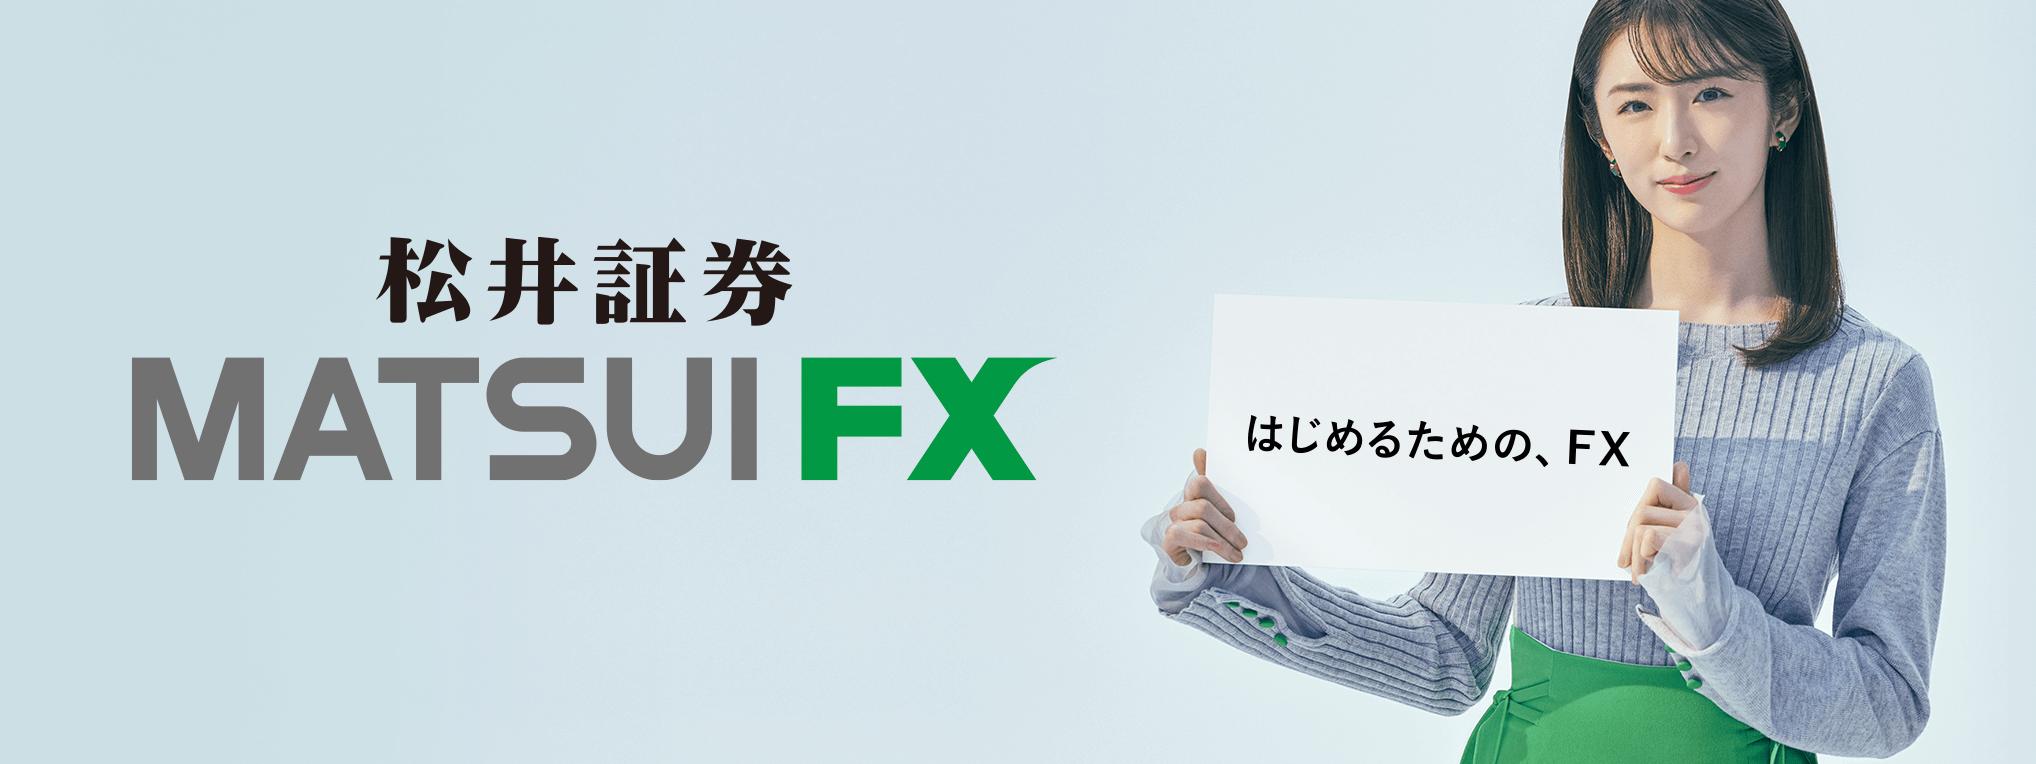 松井証券のFX(MATSUI FX)の評判・口コミとは?メリットも紹介!